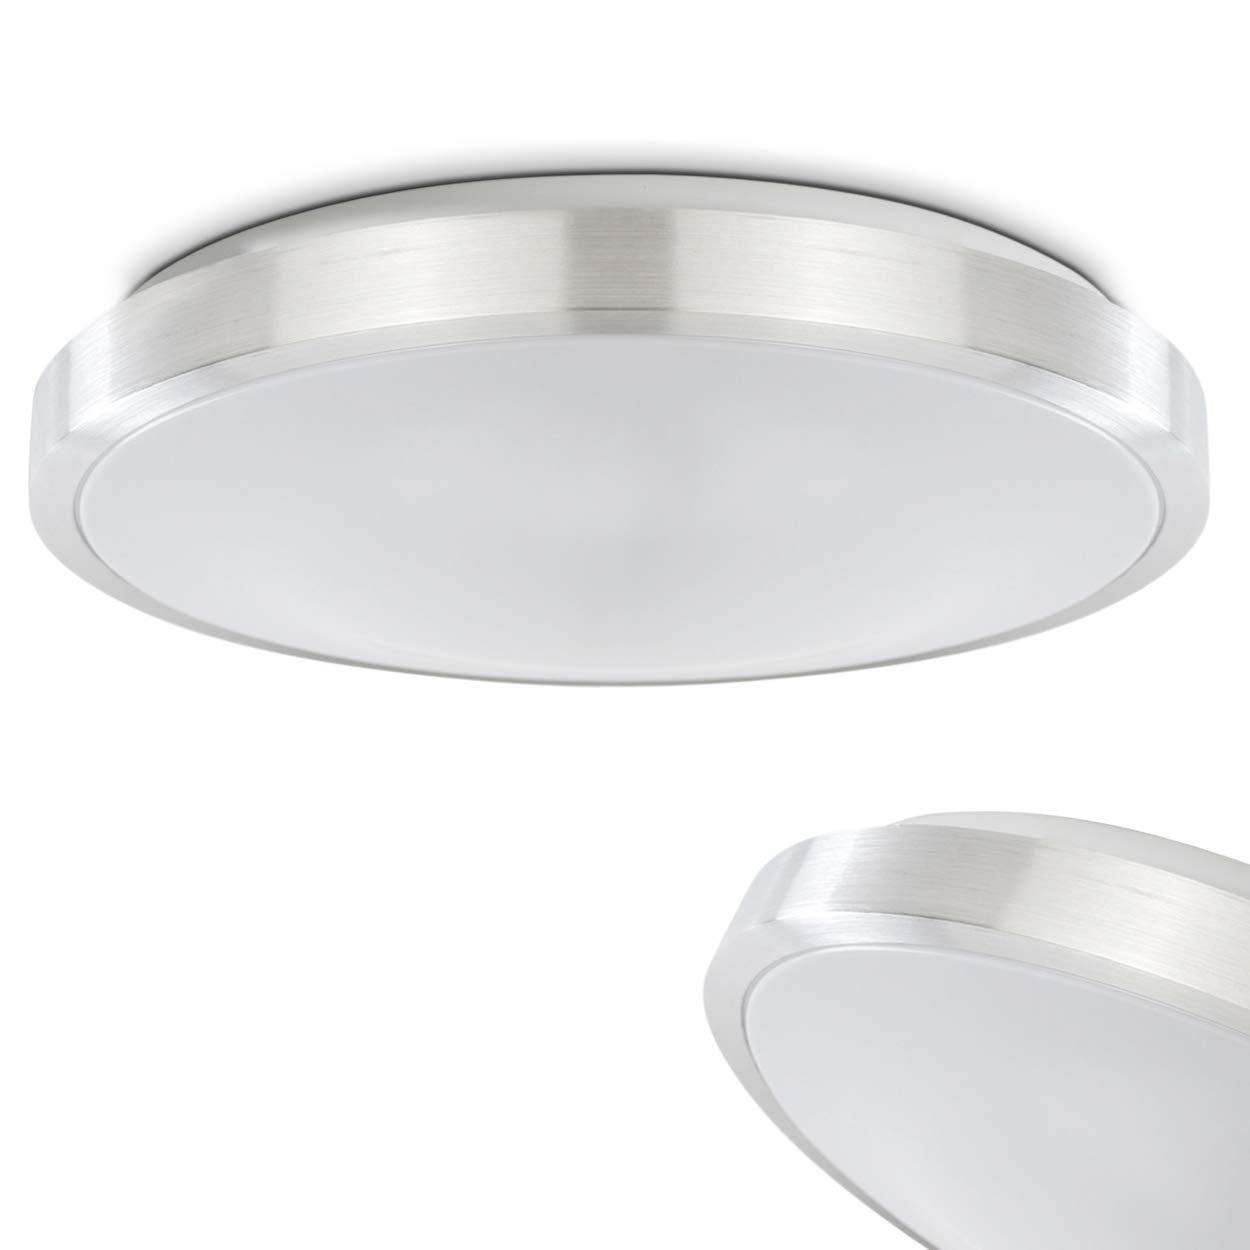 Plafón redondo Sora 1 x LED 22 W [Clase de eficiencia energética A] hofstein H166049